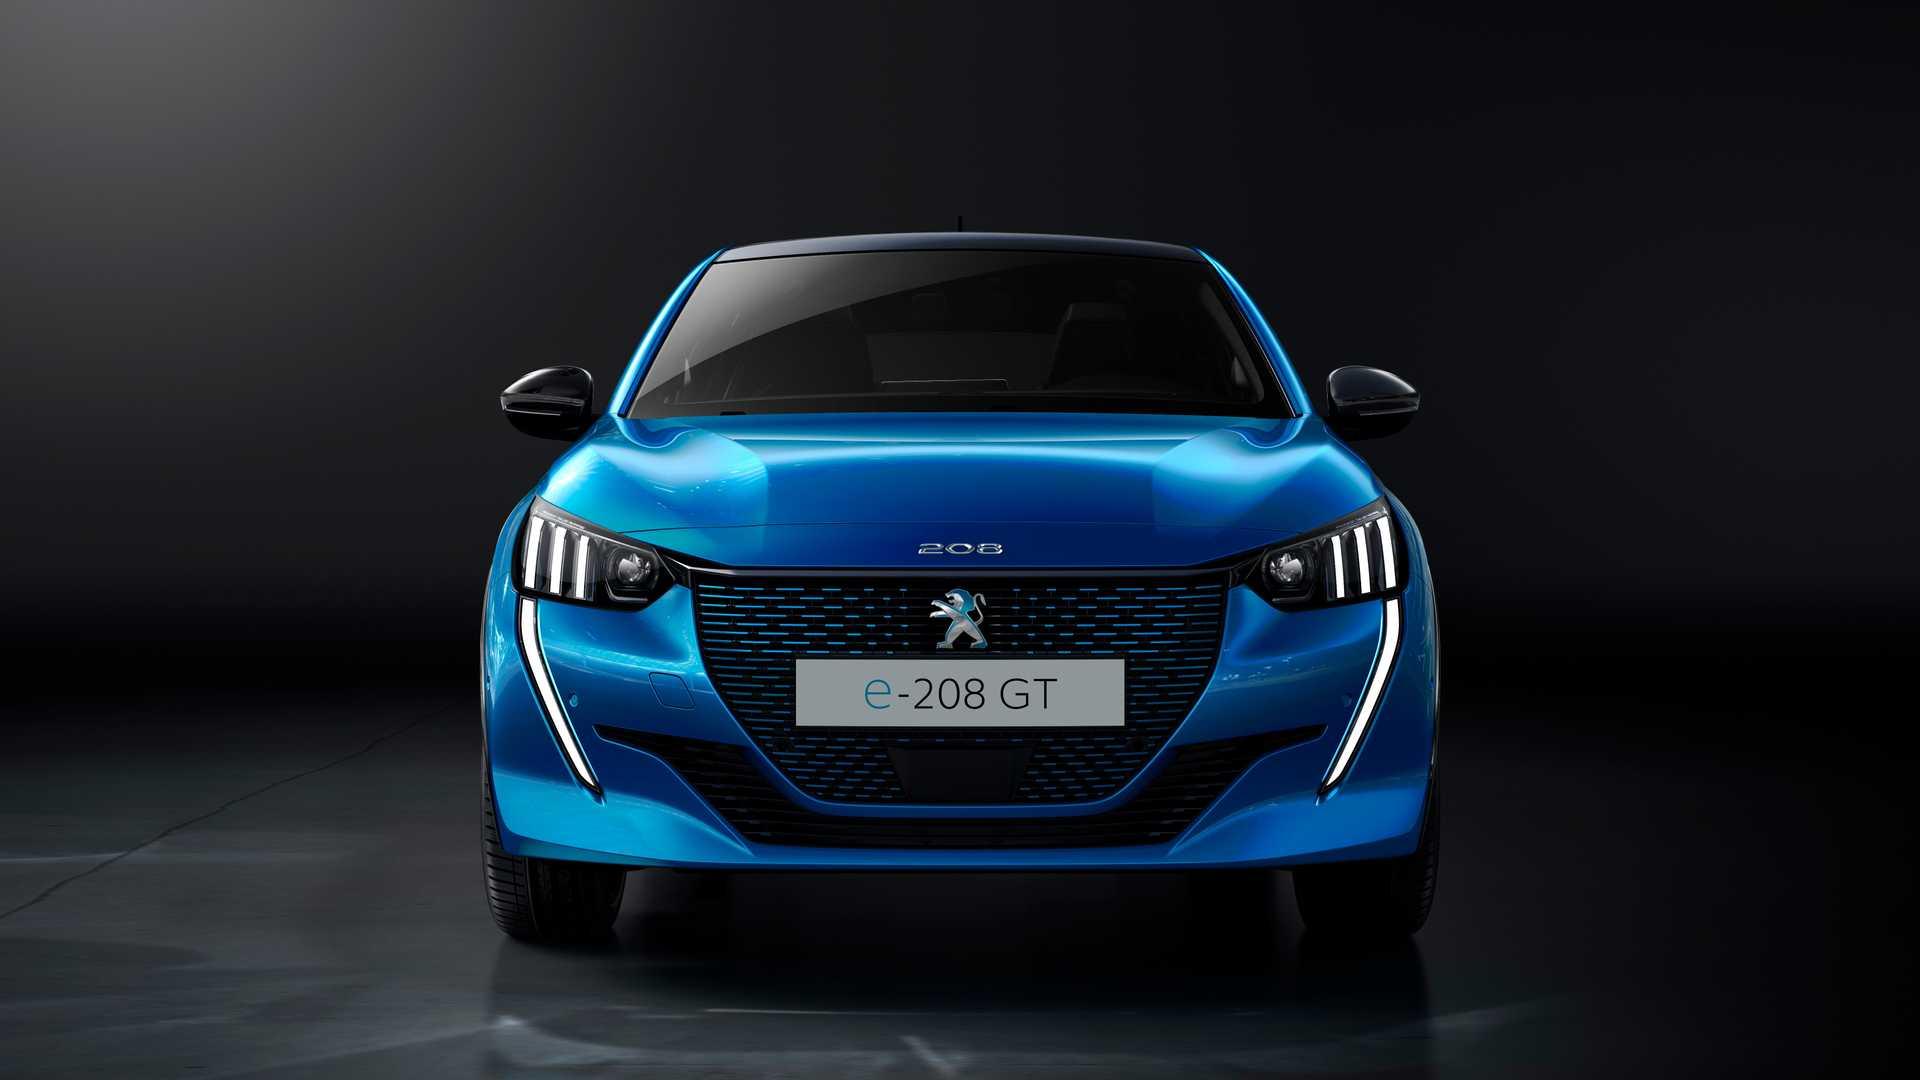 Voitures électriques en 2020 : Peugeot e-208